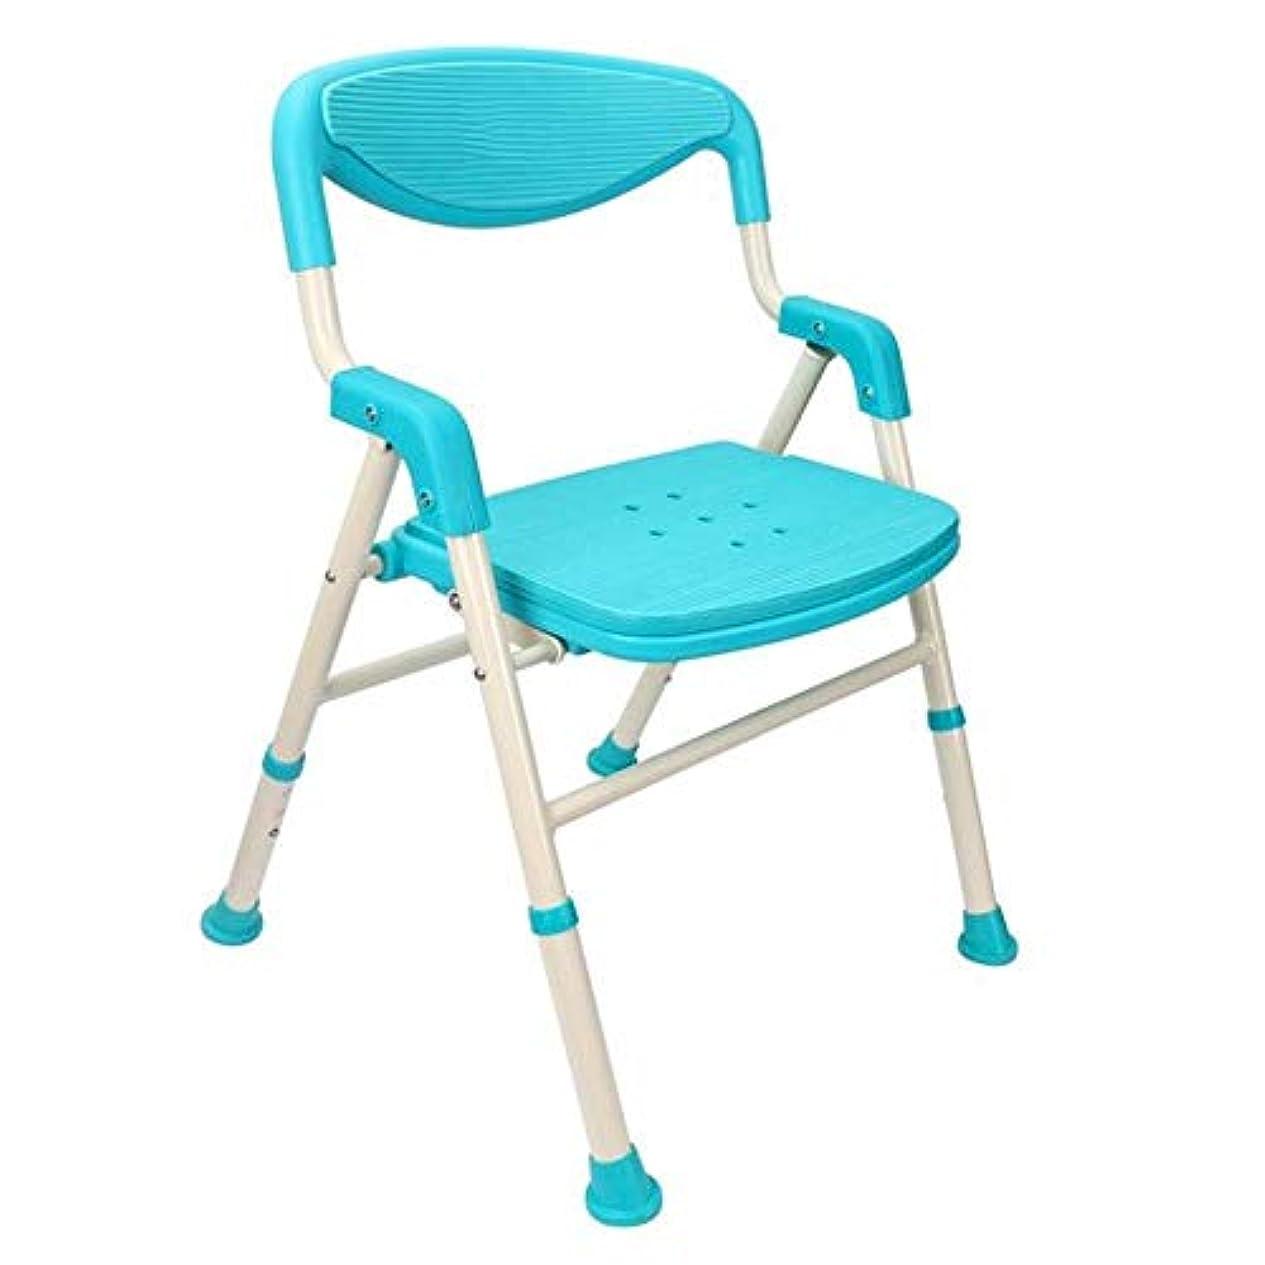 不正注目すべき天才アームと座席背もたれの調節可能な高さを備えたシャワー止まるスツール